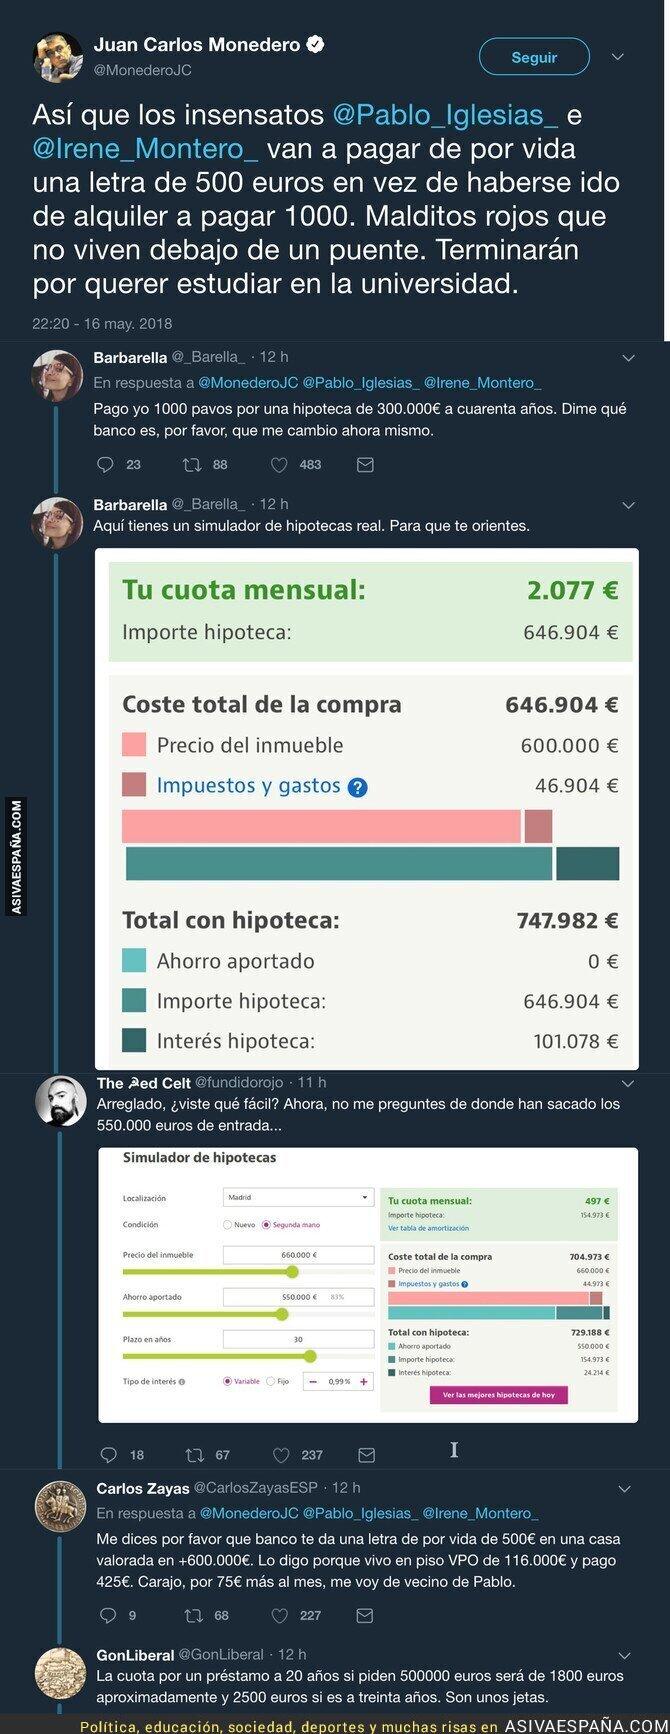 86954 - Juan Carlos Monedero se ríe en la cara de todos diciéndote que puedes optar a una casa de 600.000€